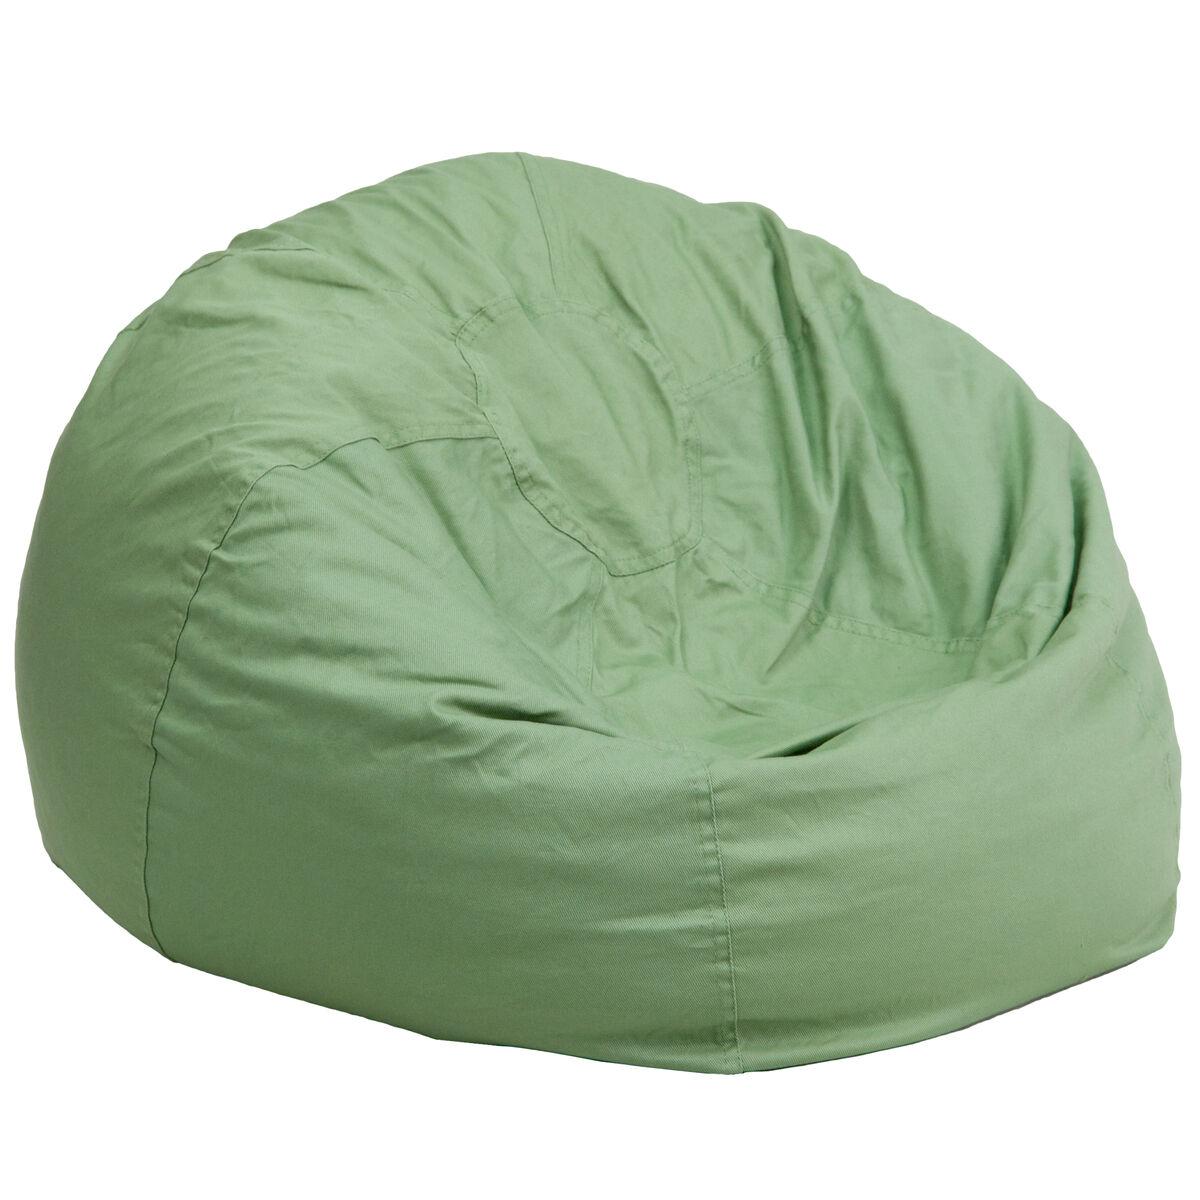 Green Bean Bag Chair Dg Bean Large Solid Grn Gg Bizchair Com